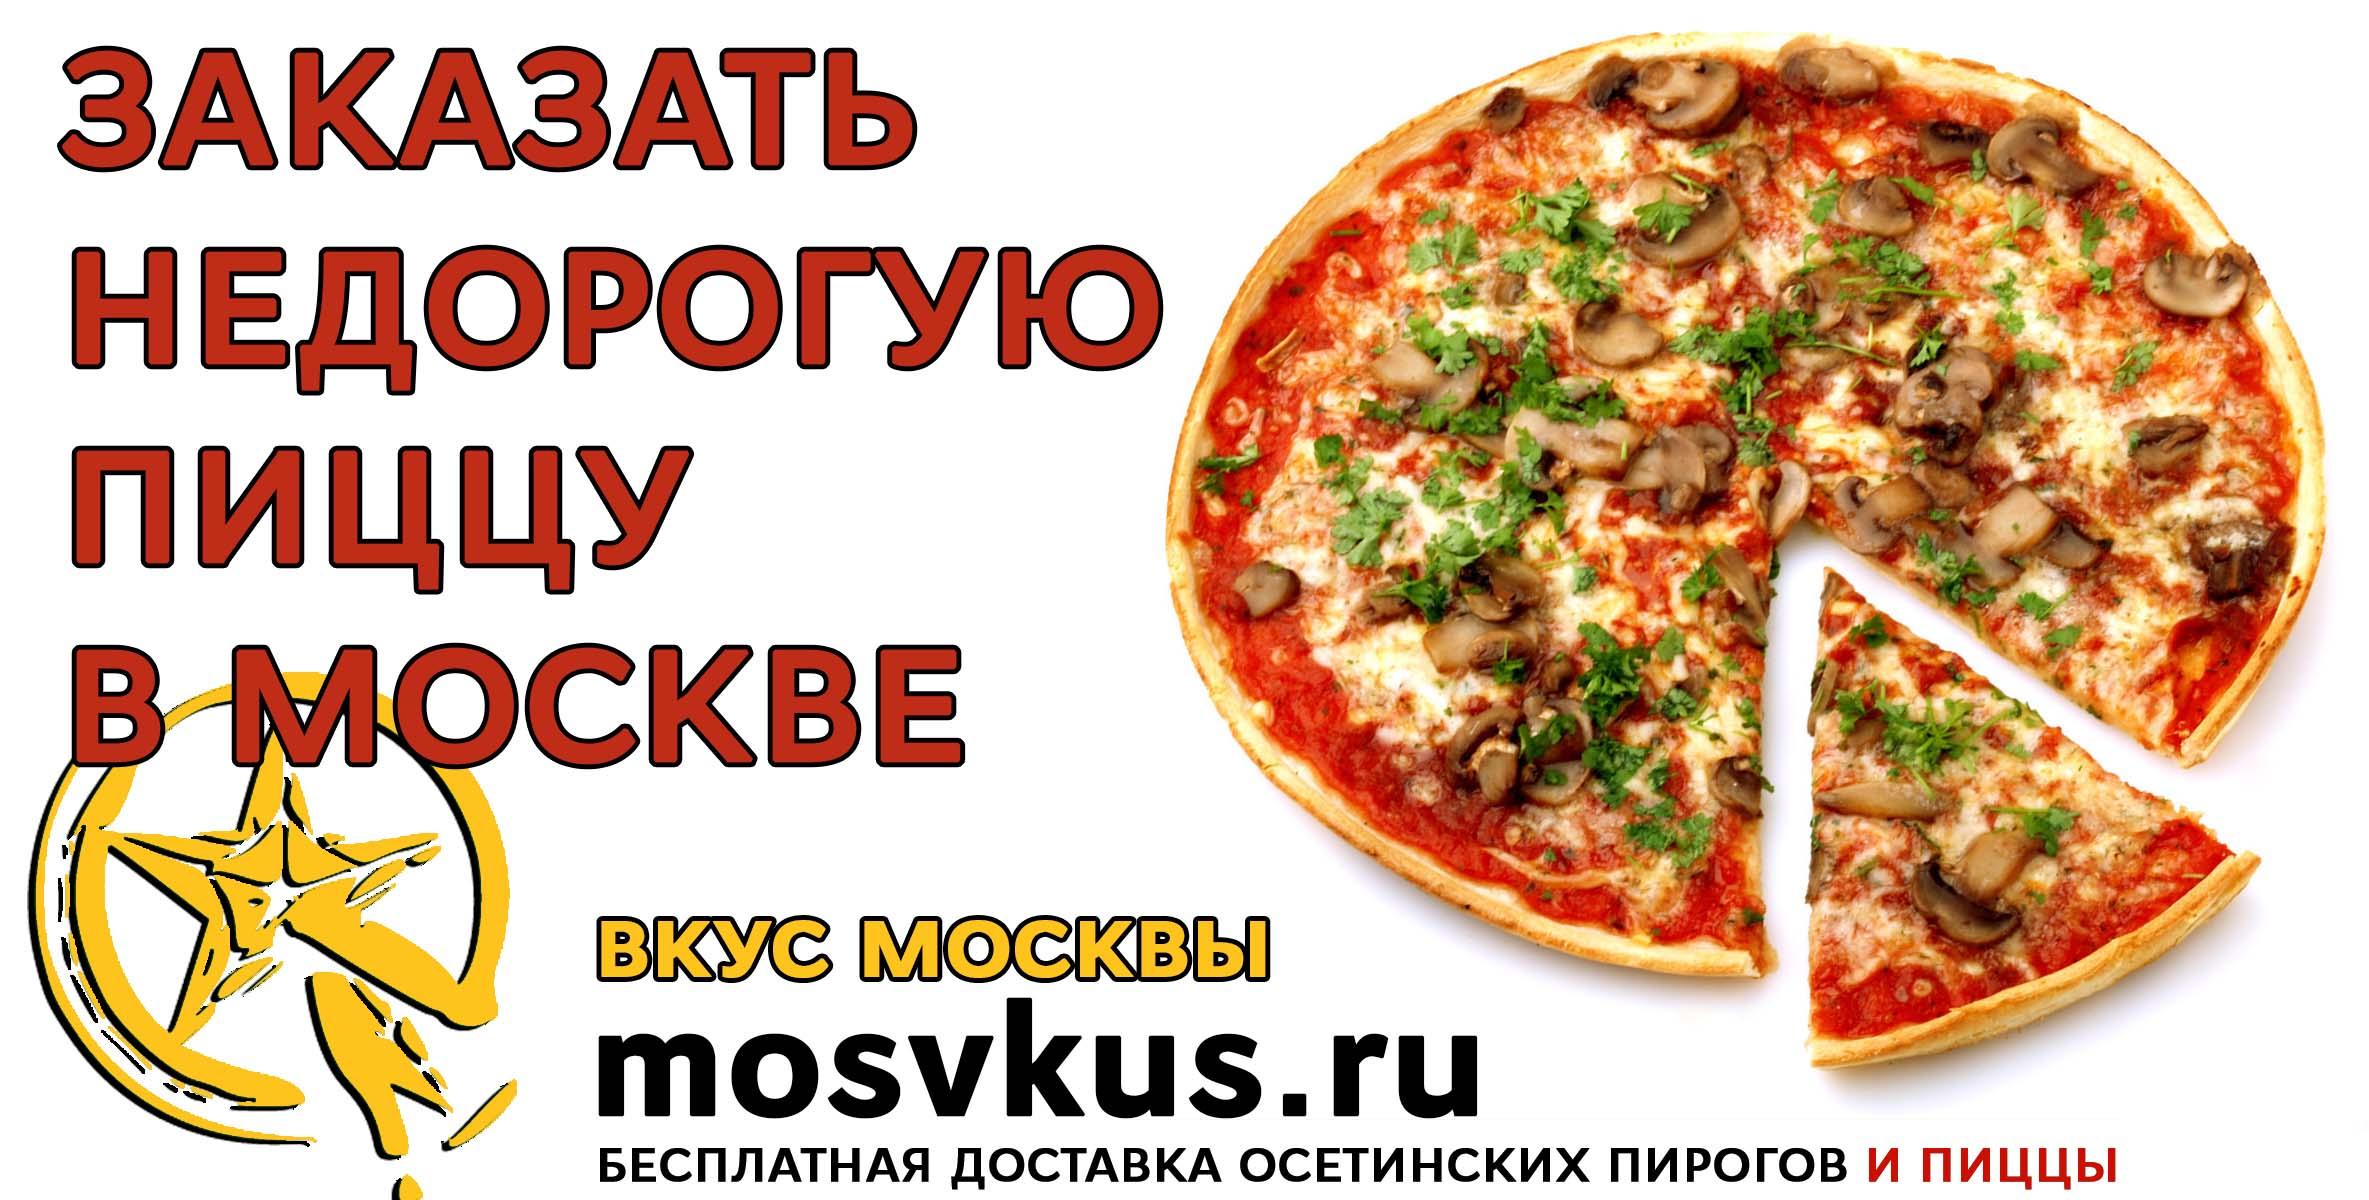 пицца заказать москва недорого доставка